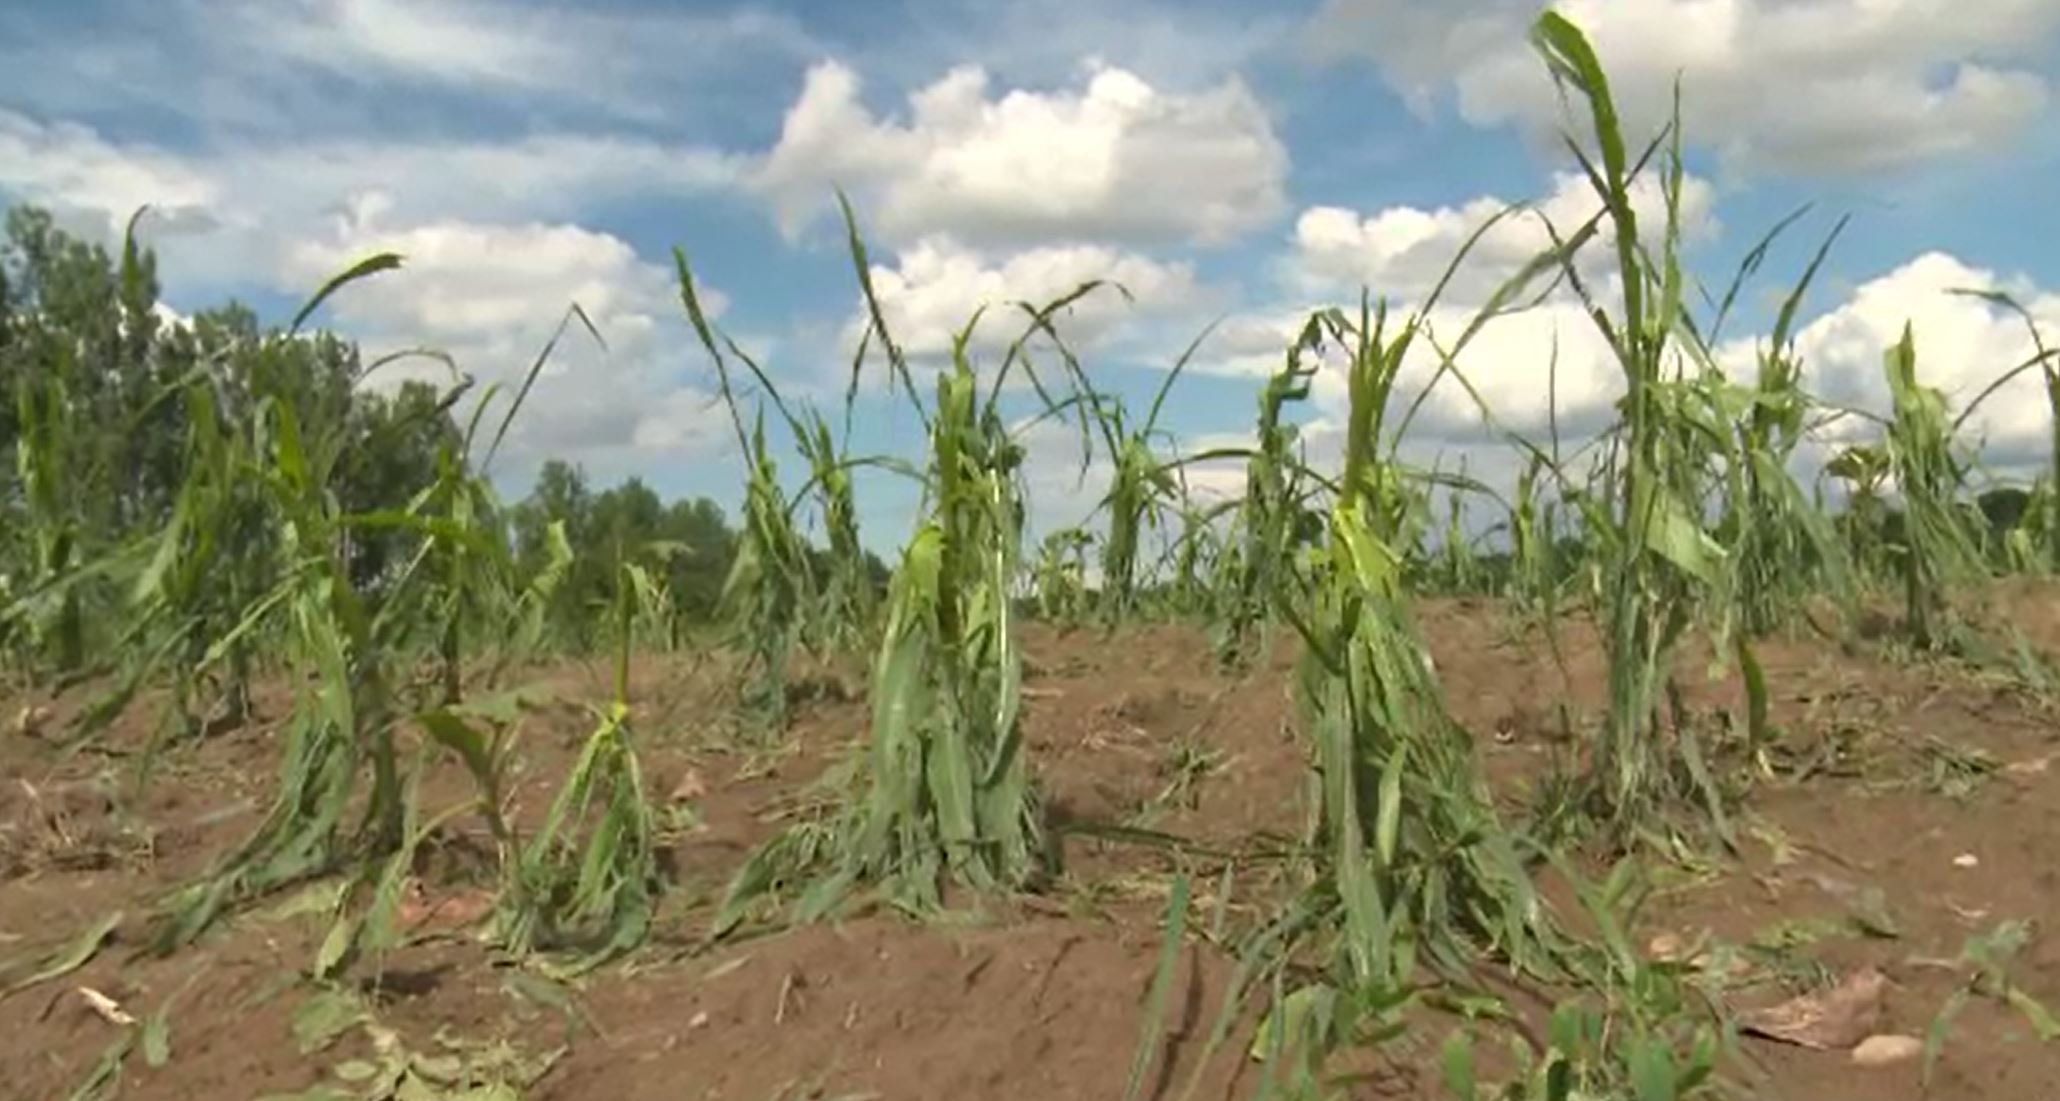 Dezastru în Dâmbovița, din cauza grindinei. Culturile fermierilor au fost nimicite